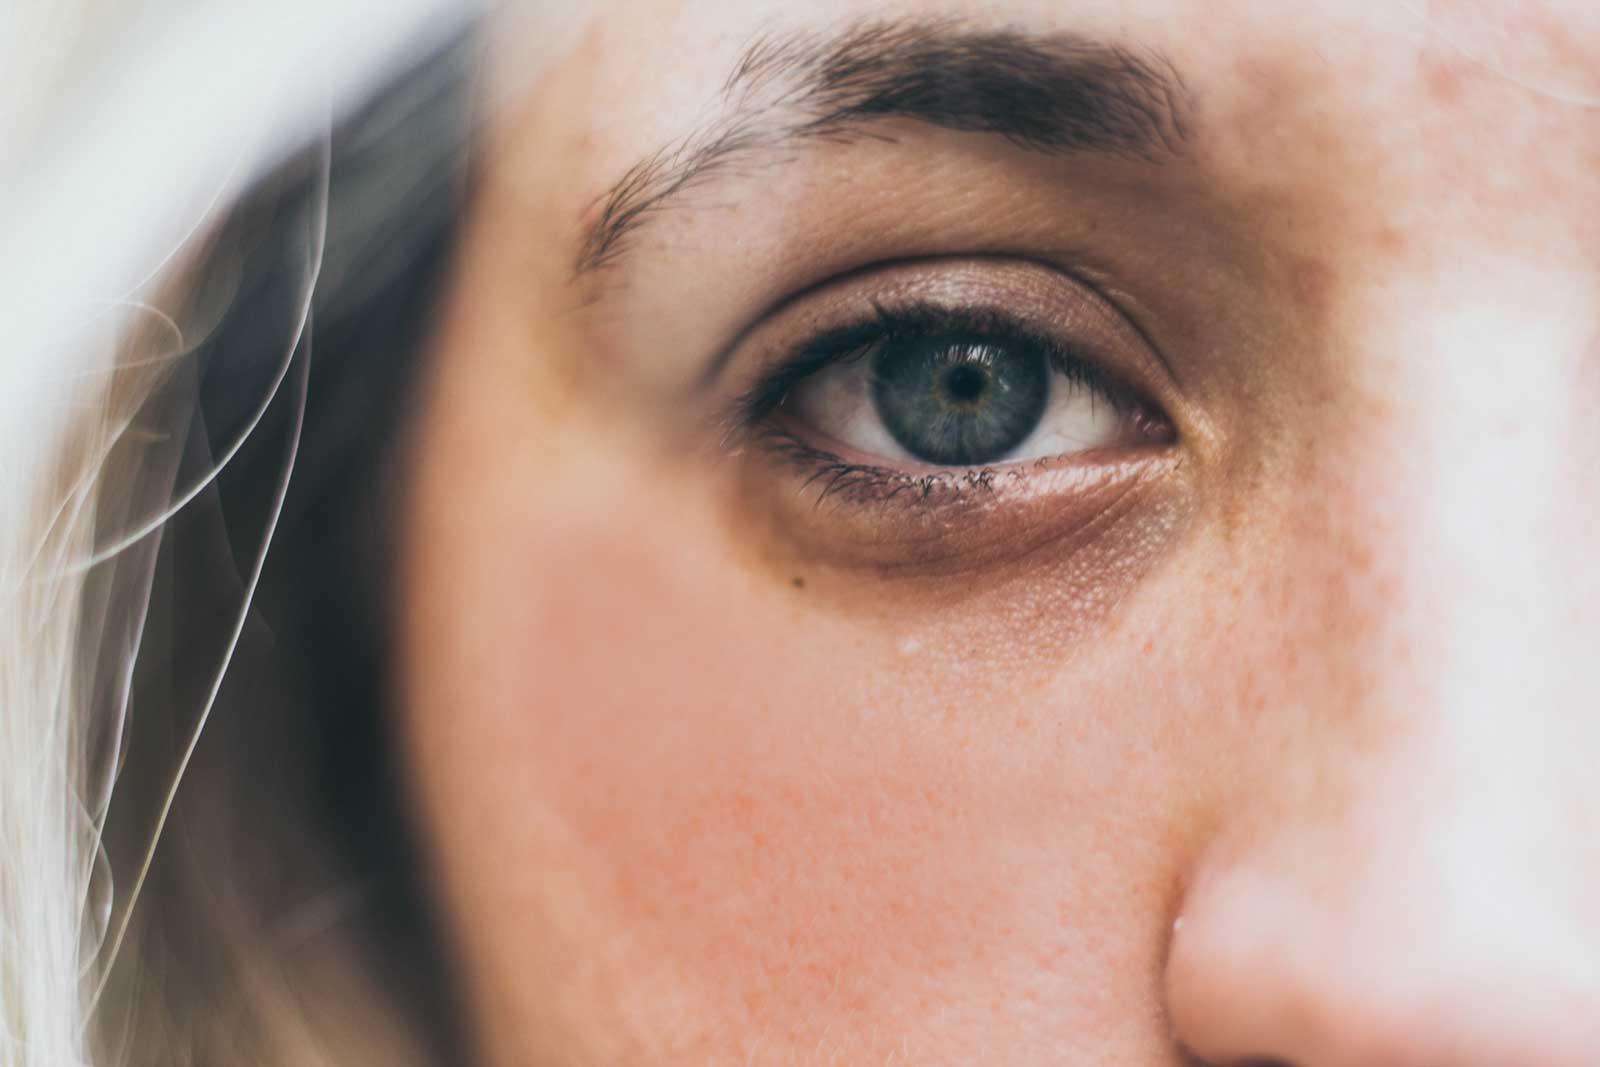 Göz Altı Morlukları İçin Basit Yöntemler